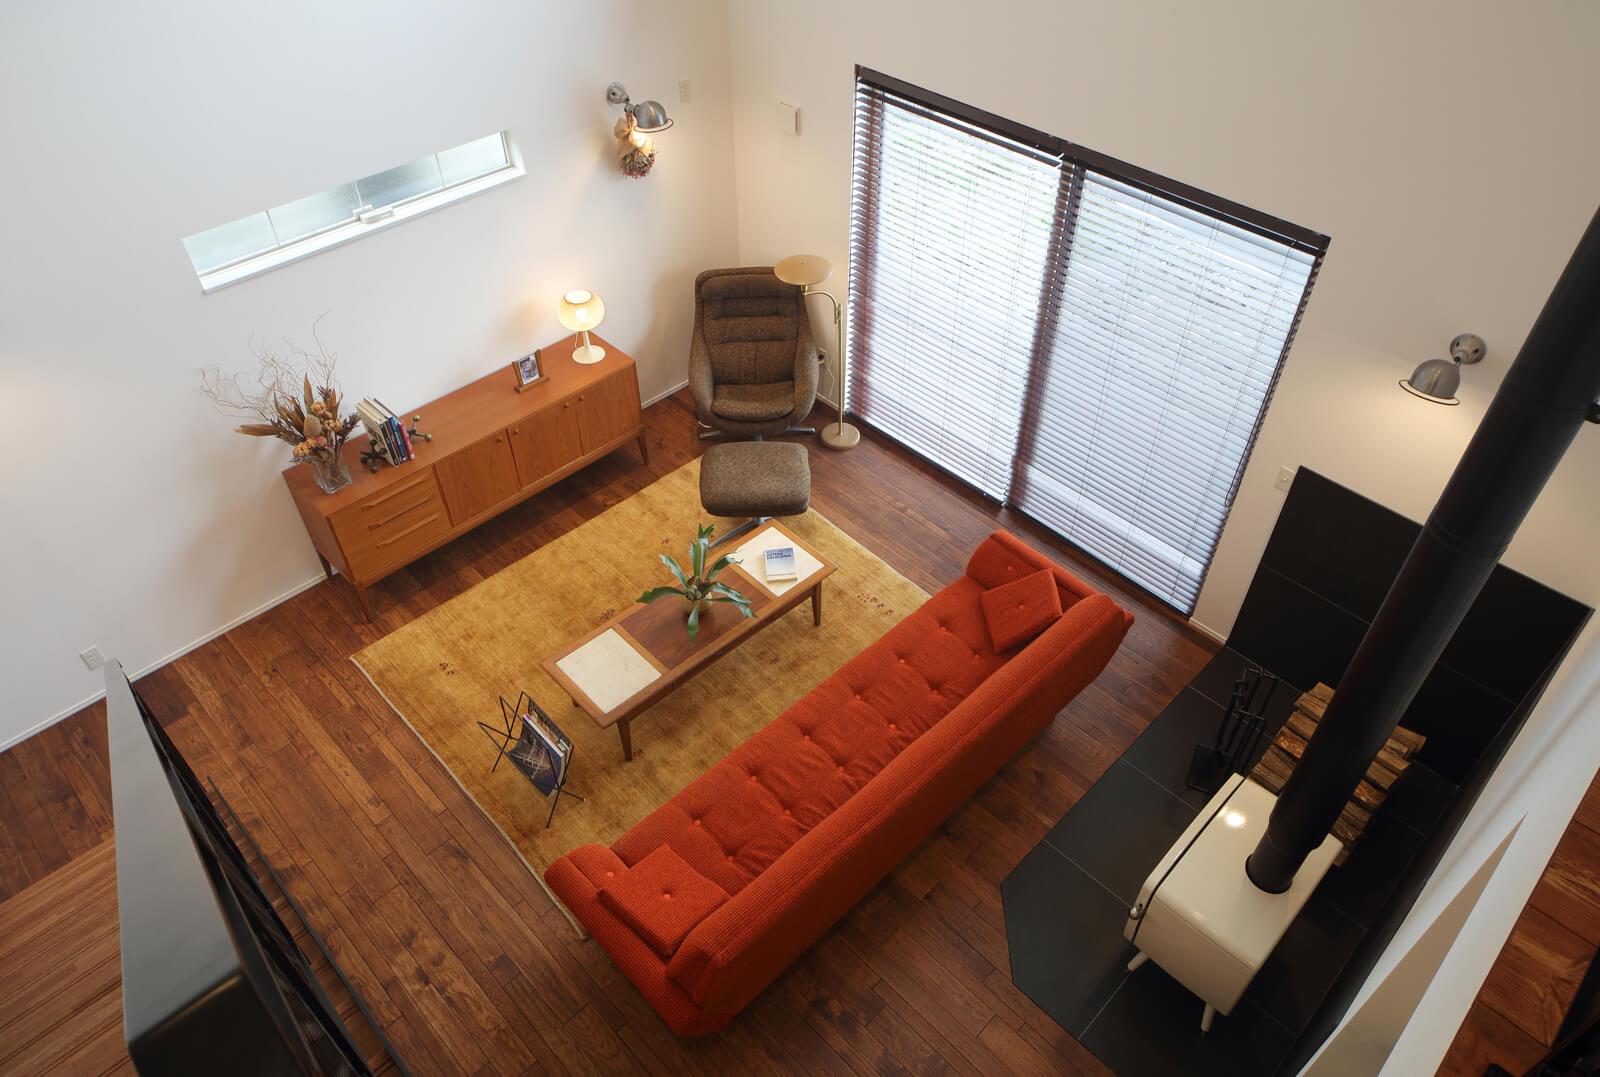 照明や家具などのインテリアも含め、そこにいるだけで心地よいと感じる空間をデザイン